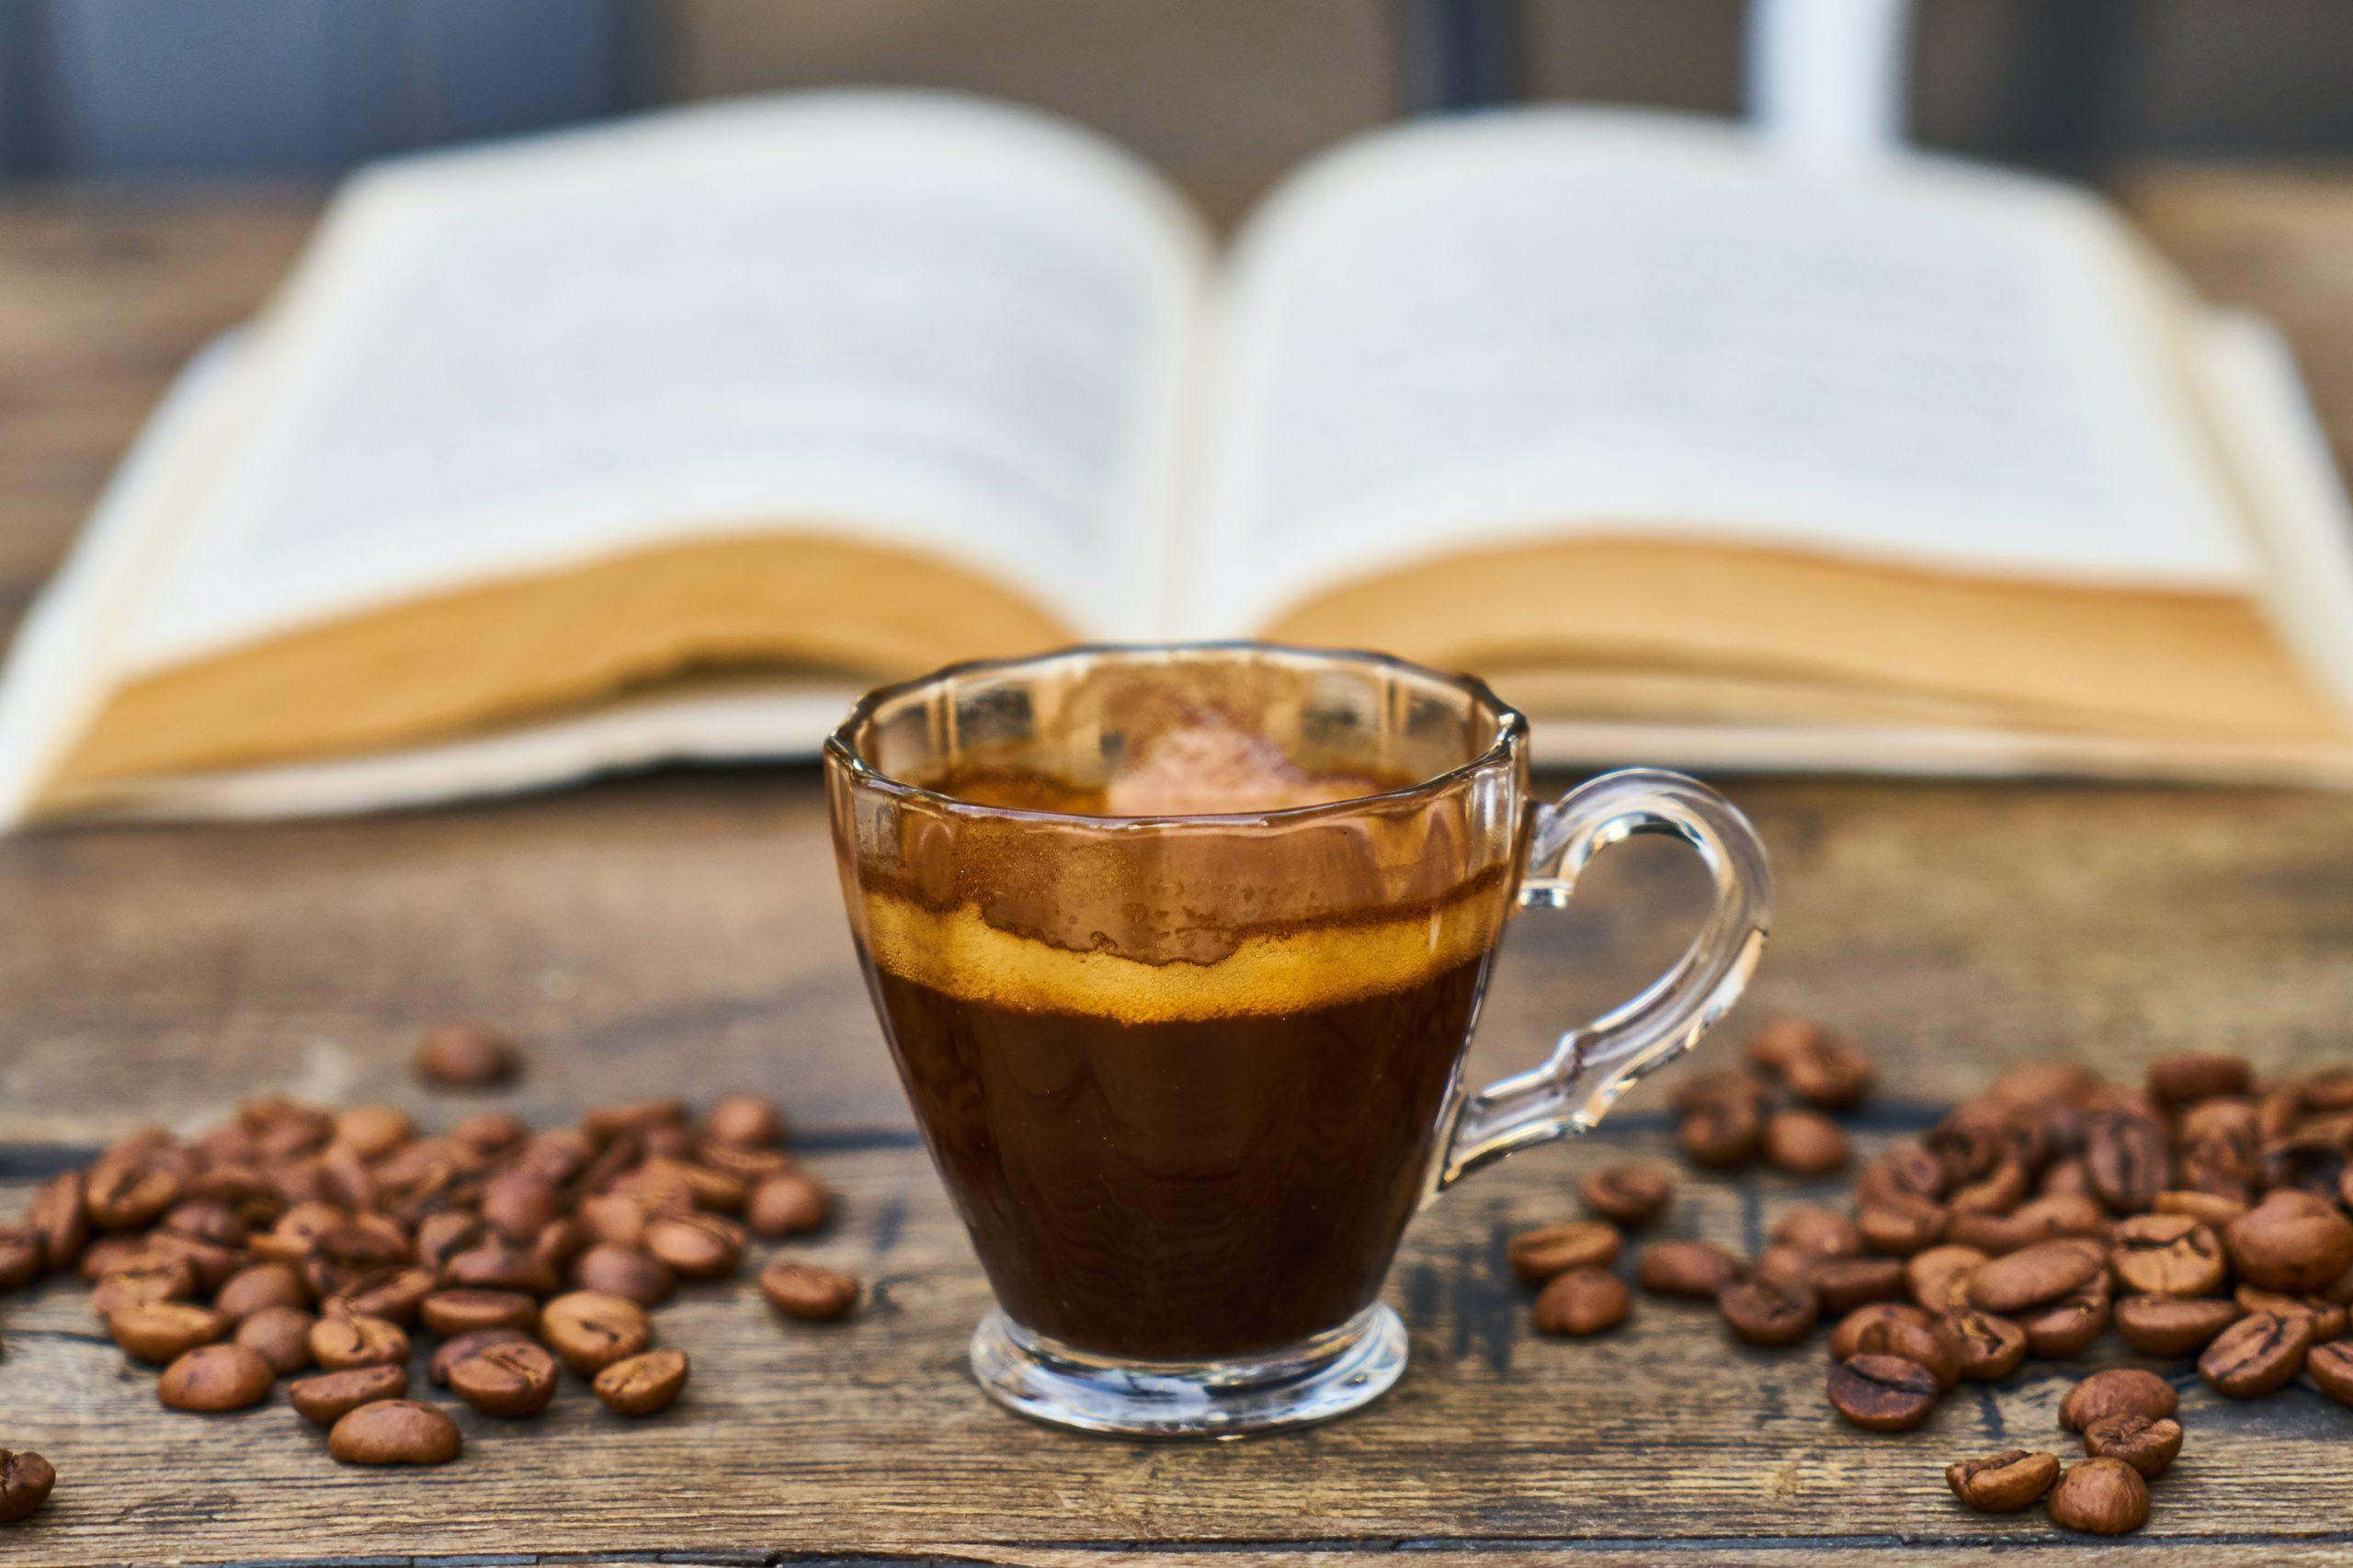 Koffie: de verschillende soorten op een rij